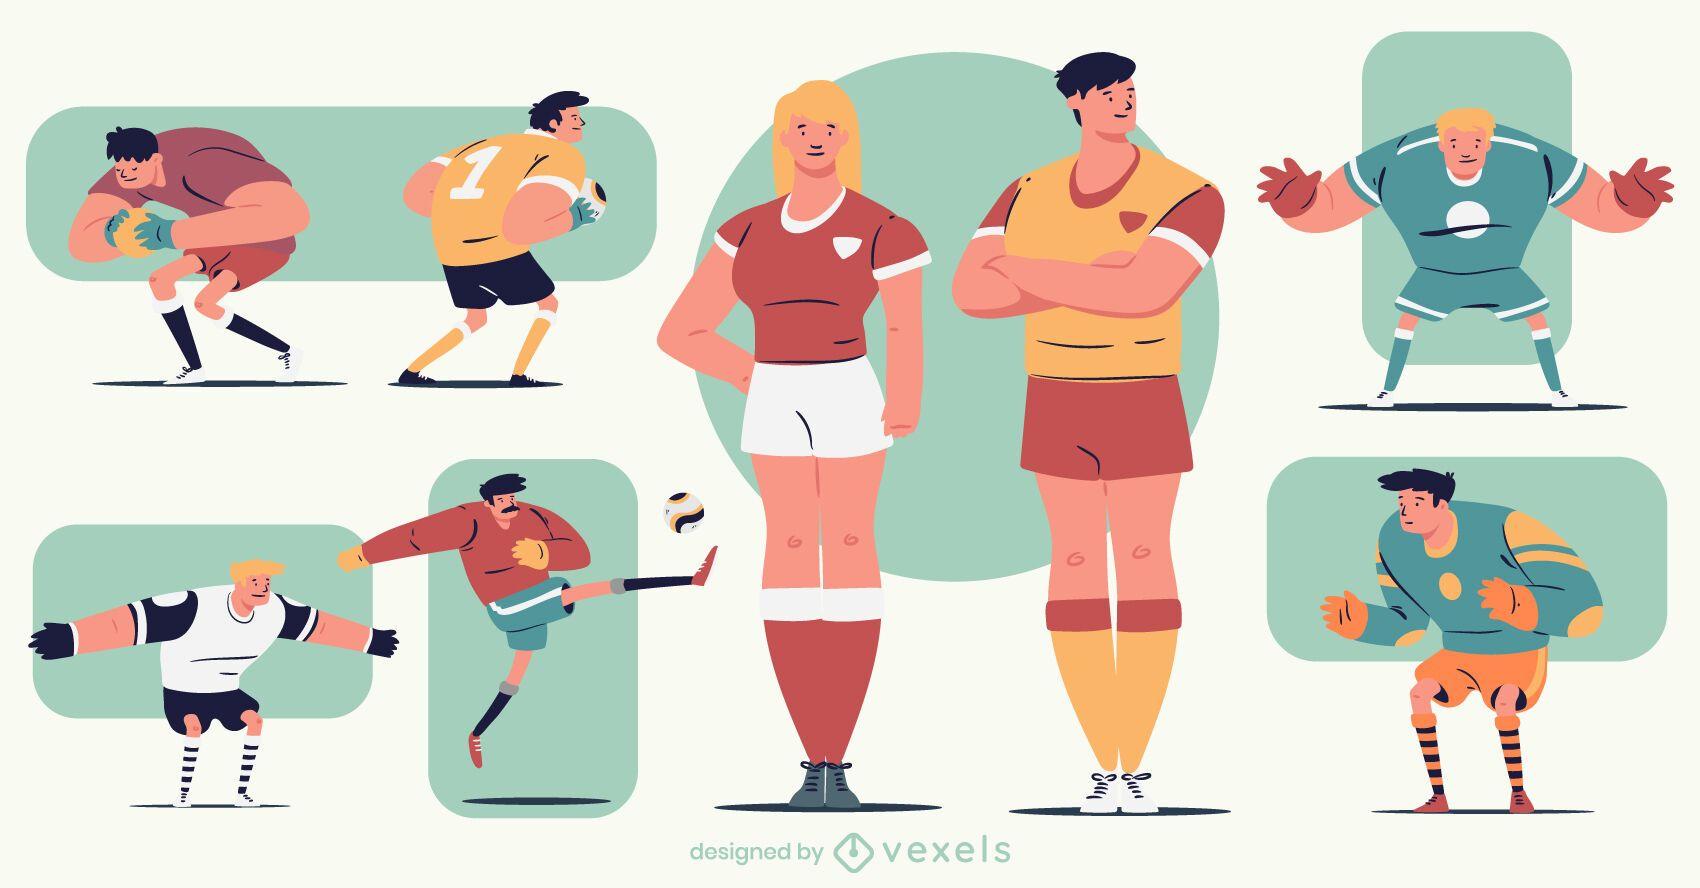 Paquete de personajes de dibujos animados de fútbol colorido